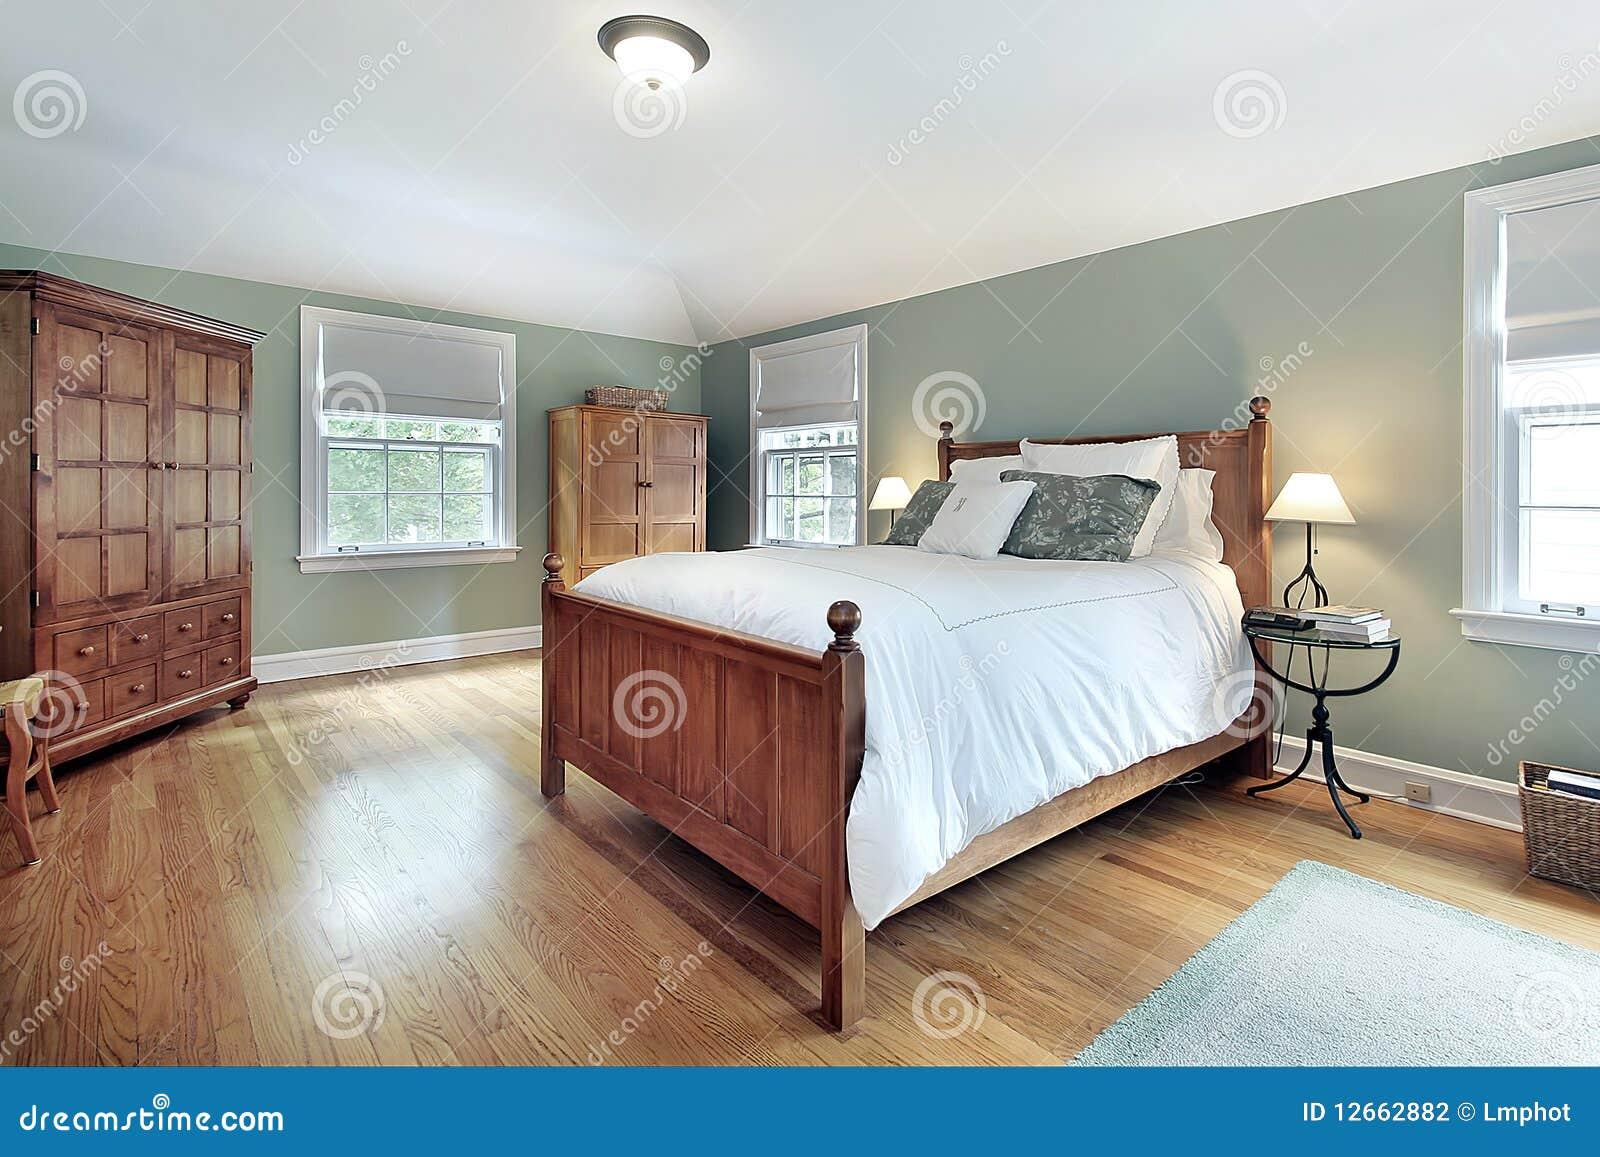 Chambre A Coucher Principale Avec Des Meubles En Bois De Chene Photo